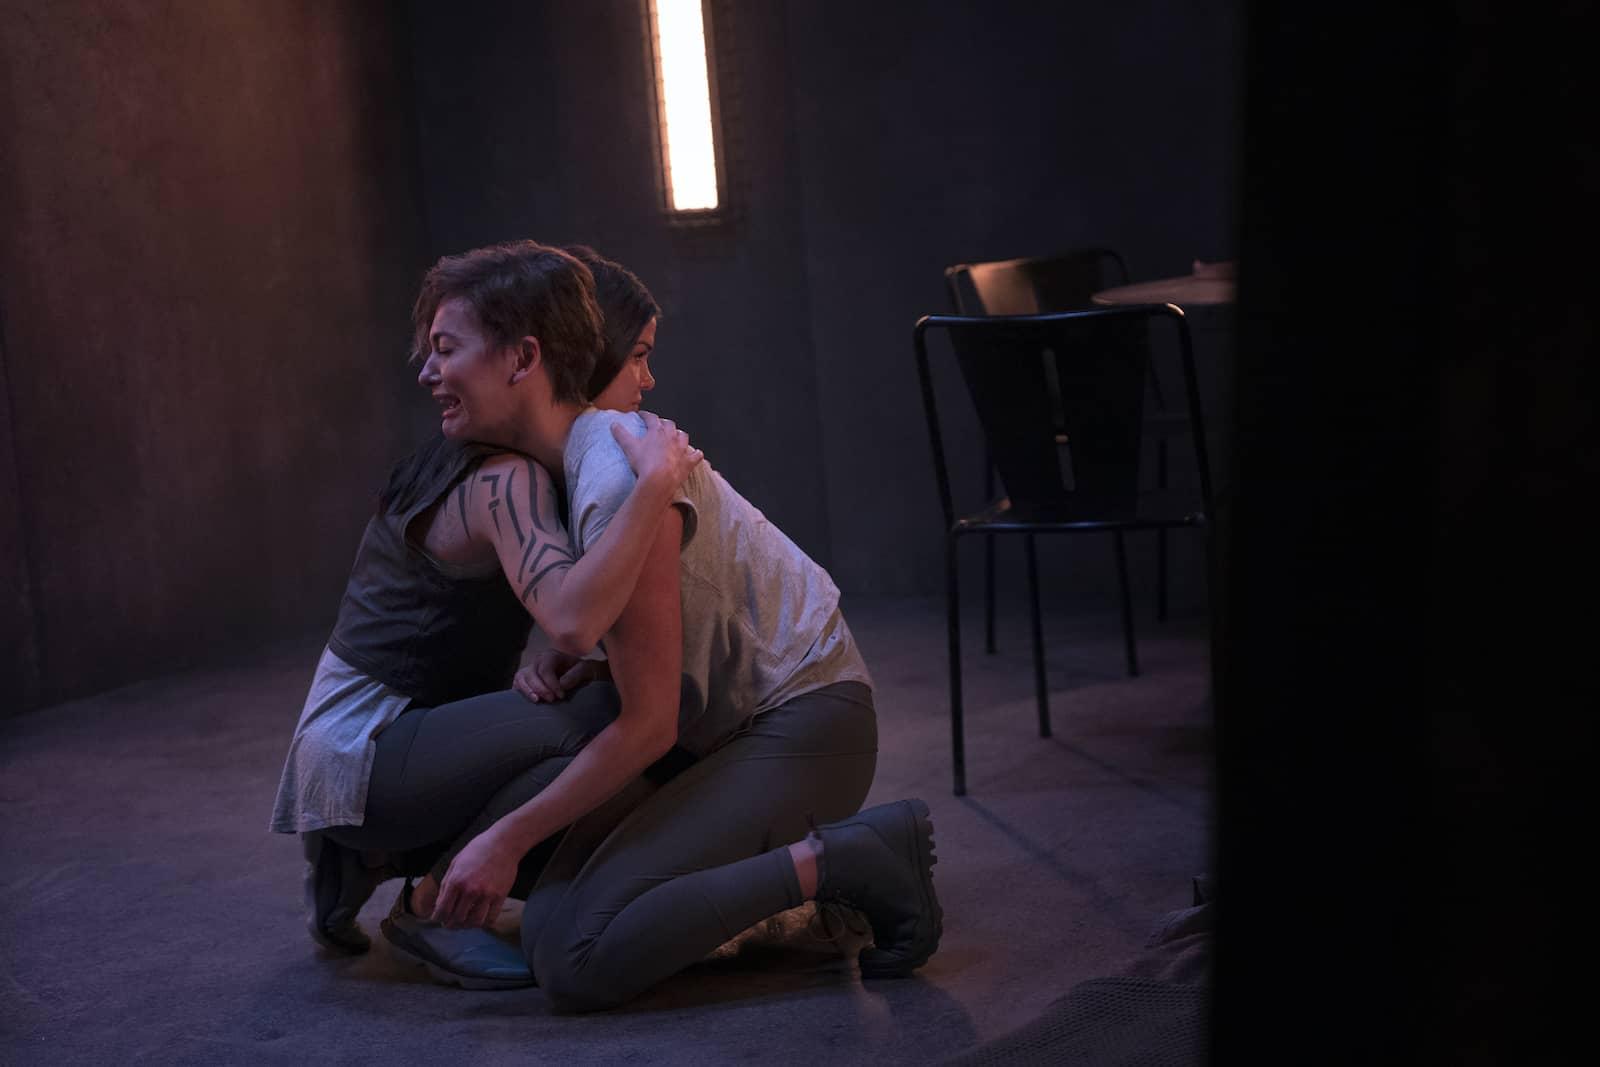 Marie Avgeropoulos como Octavia y Tasya Teles como Echo